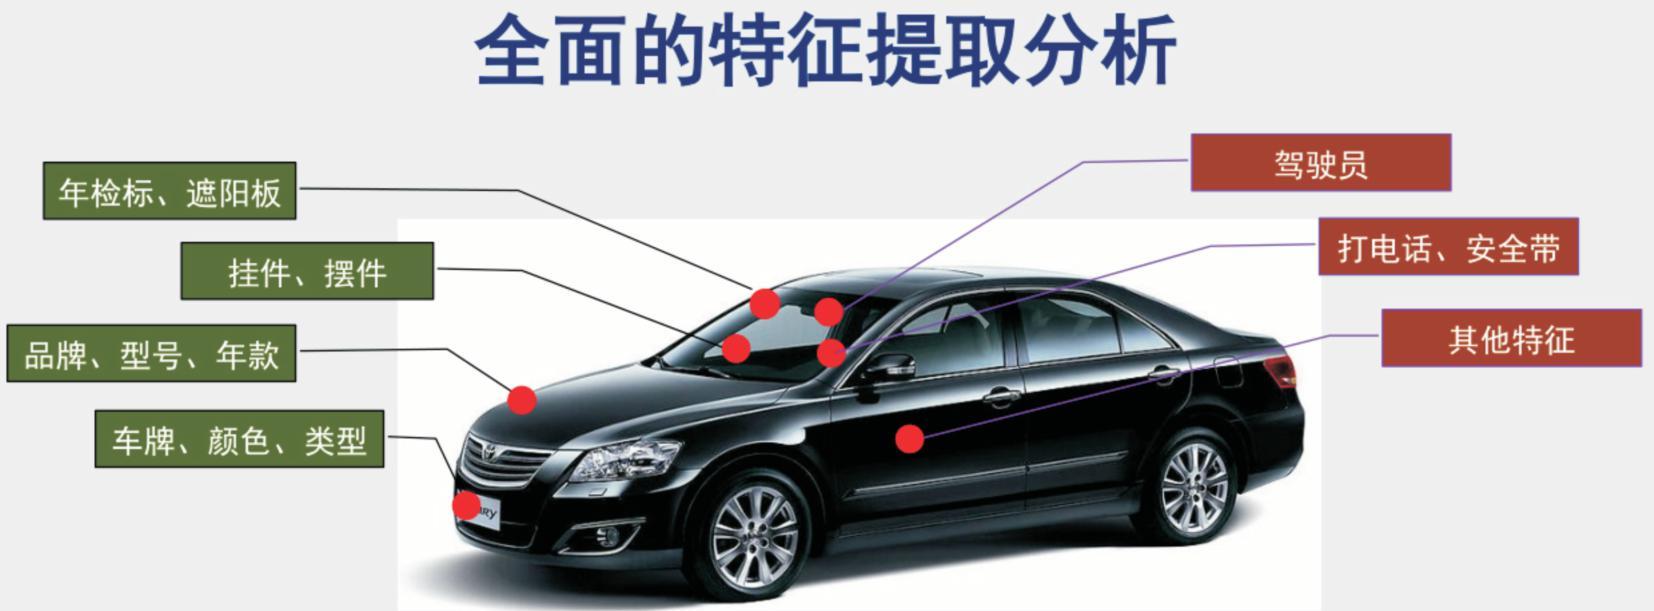 车辆智能管理系统DDG-V221